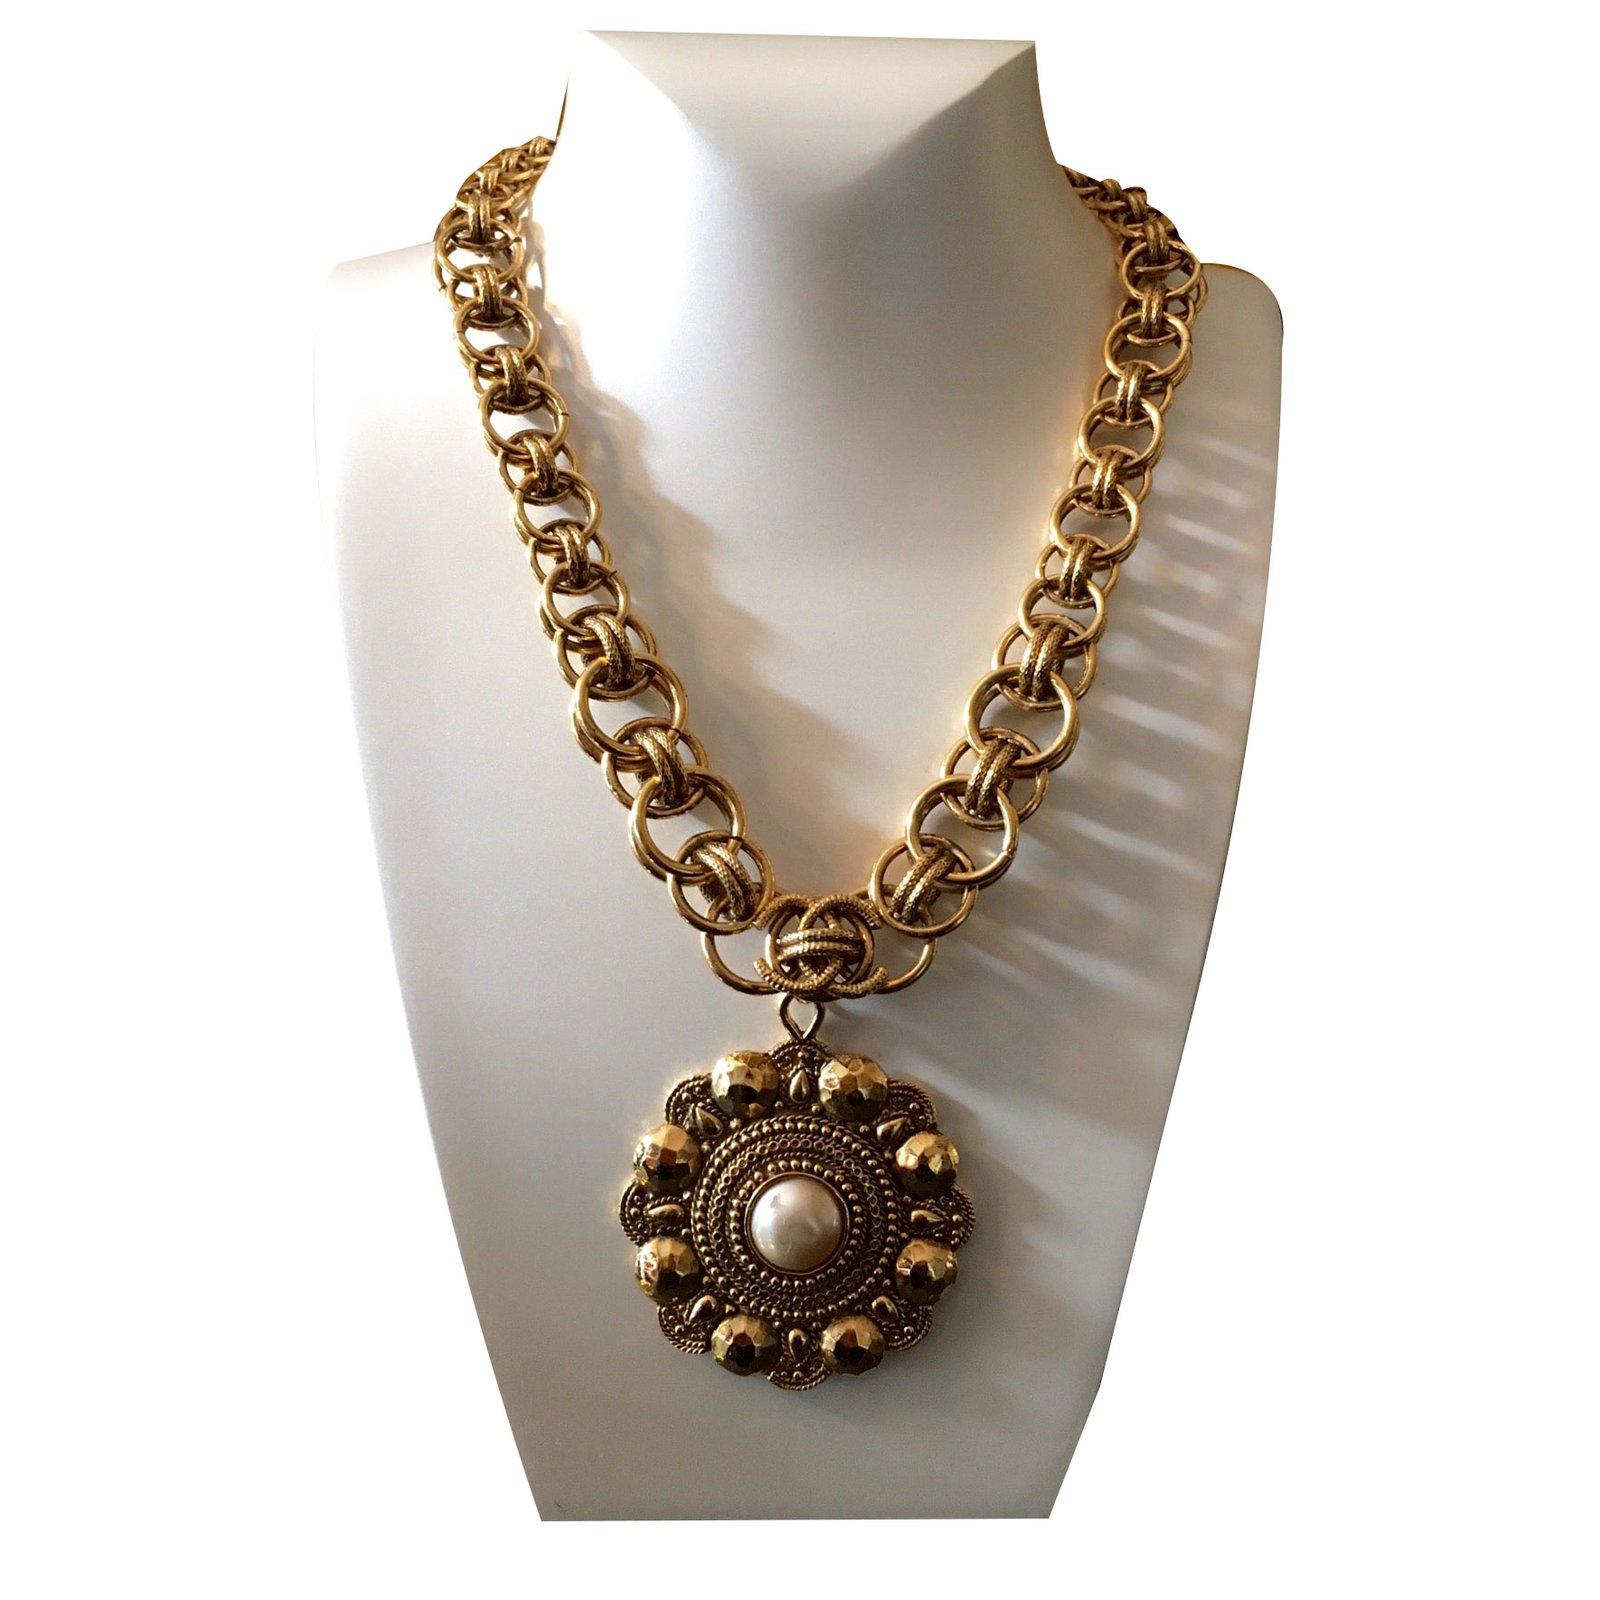 aae1212a2588 Colliers Chanel Collier vintage avec perle Métal Doré ref.25743 ...